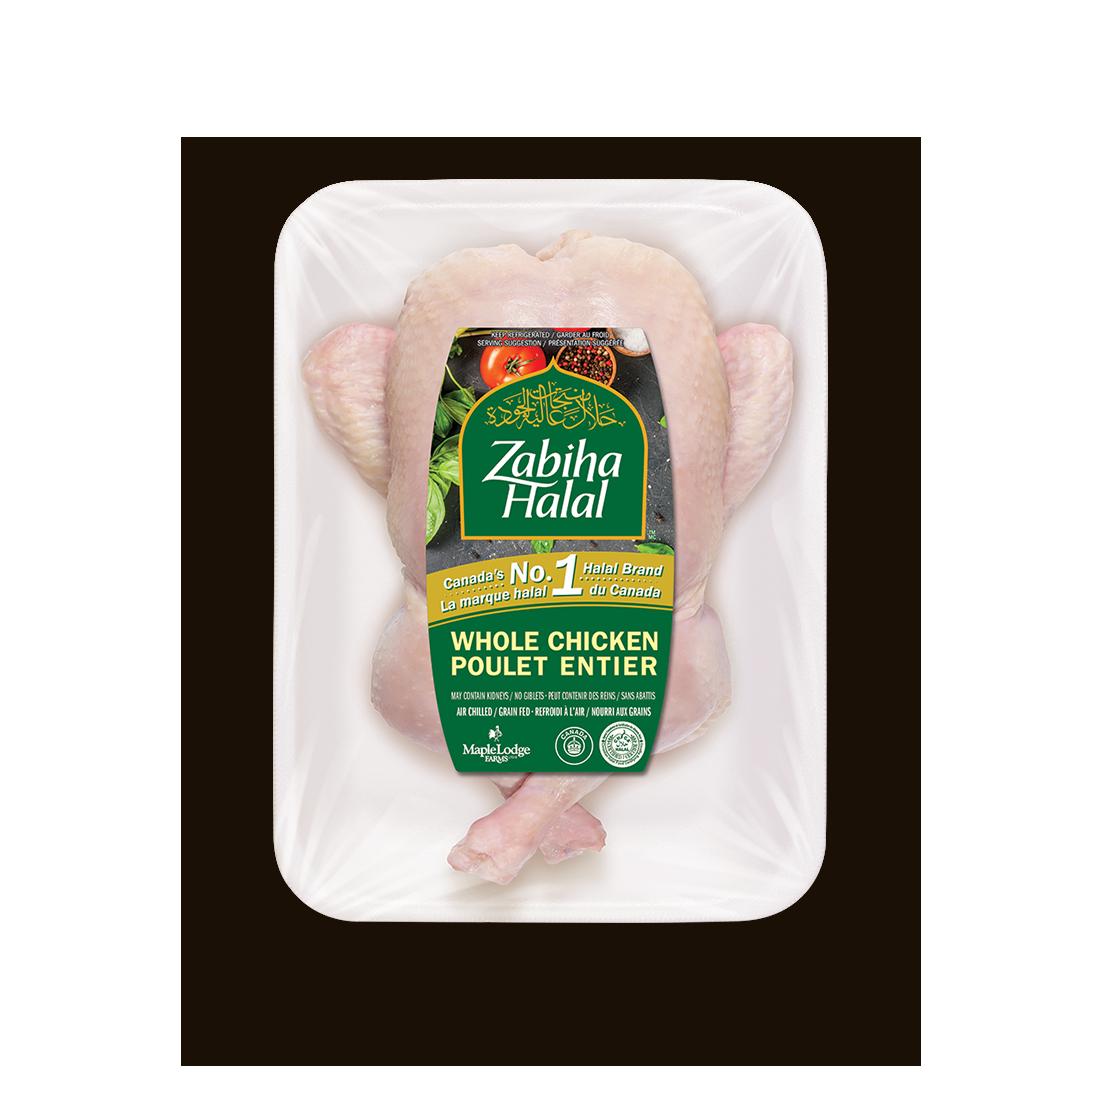 Un emballage d'un poulet entier frais ficelé